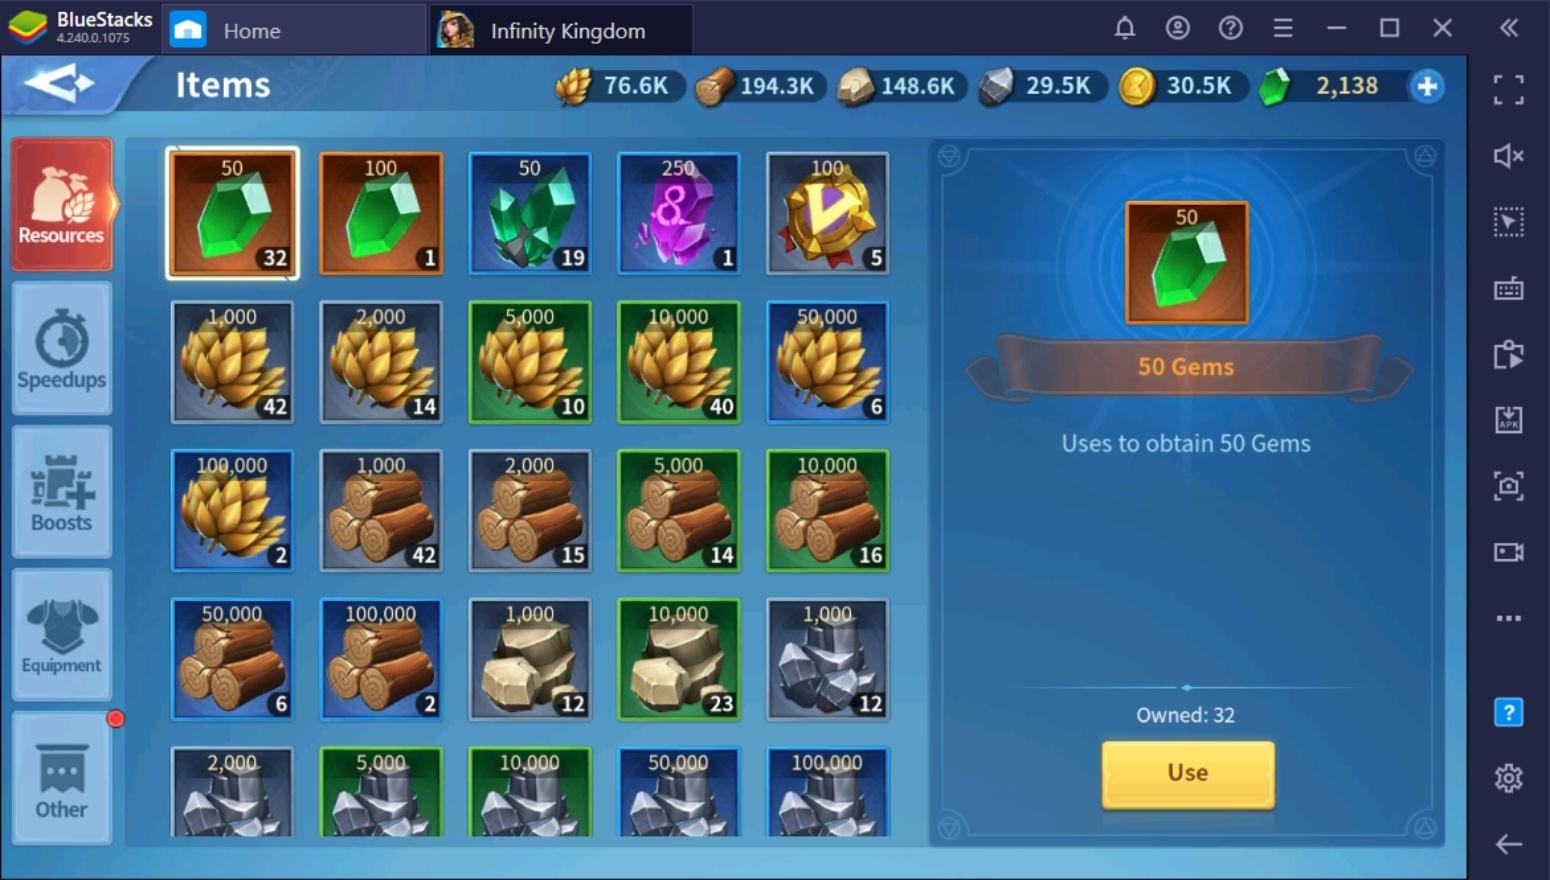 كيفية الحصول على المزيد من الموارد في لعبة Infinity Kingdom على جهاز الكمبيوتر